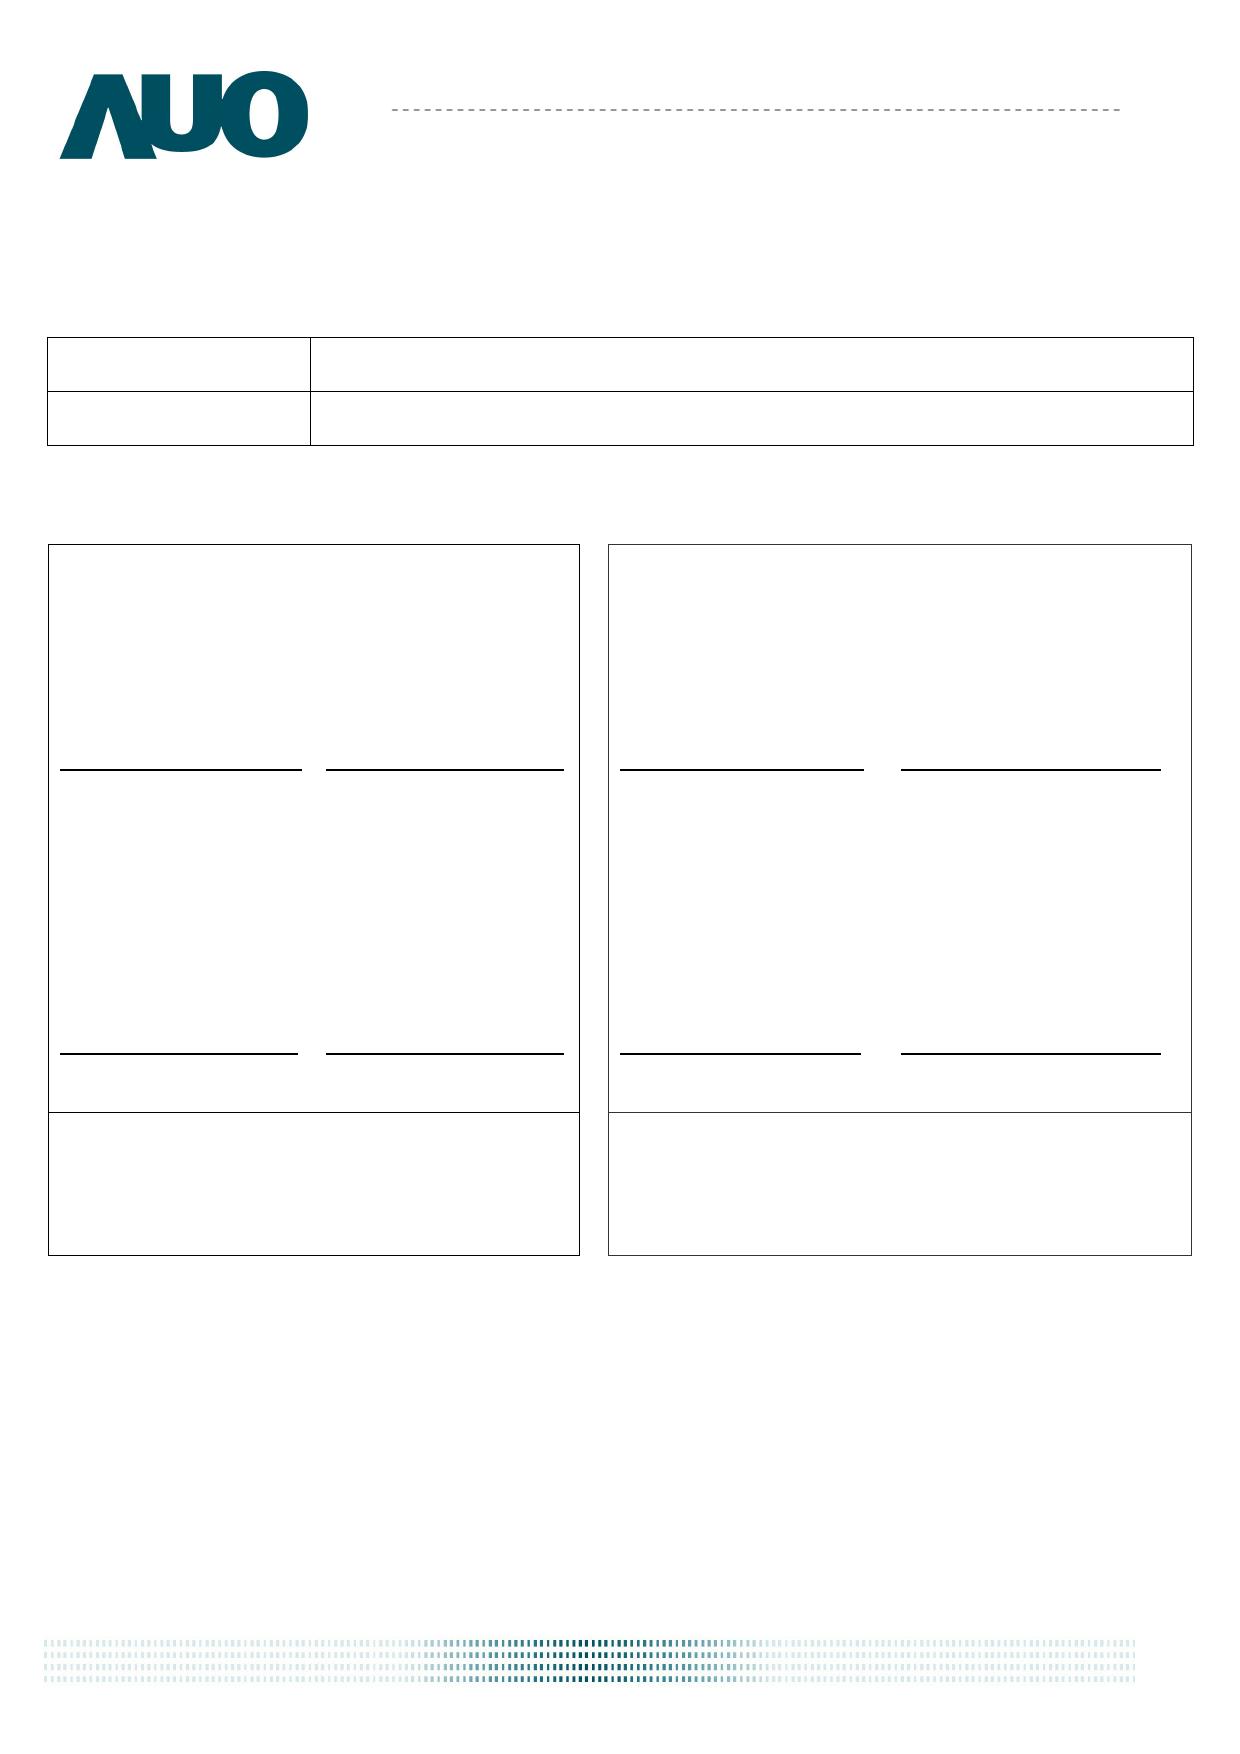 G057NV01_V0 datasheet